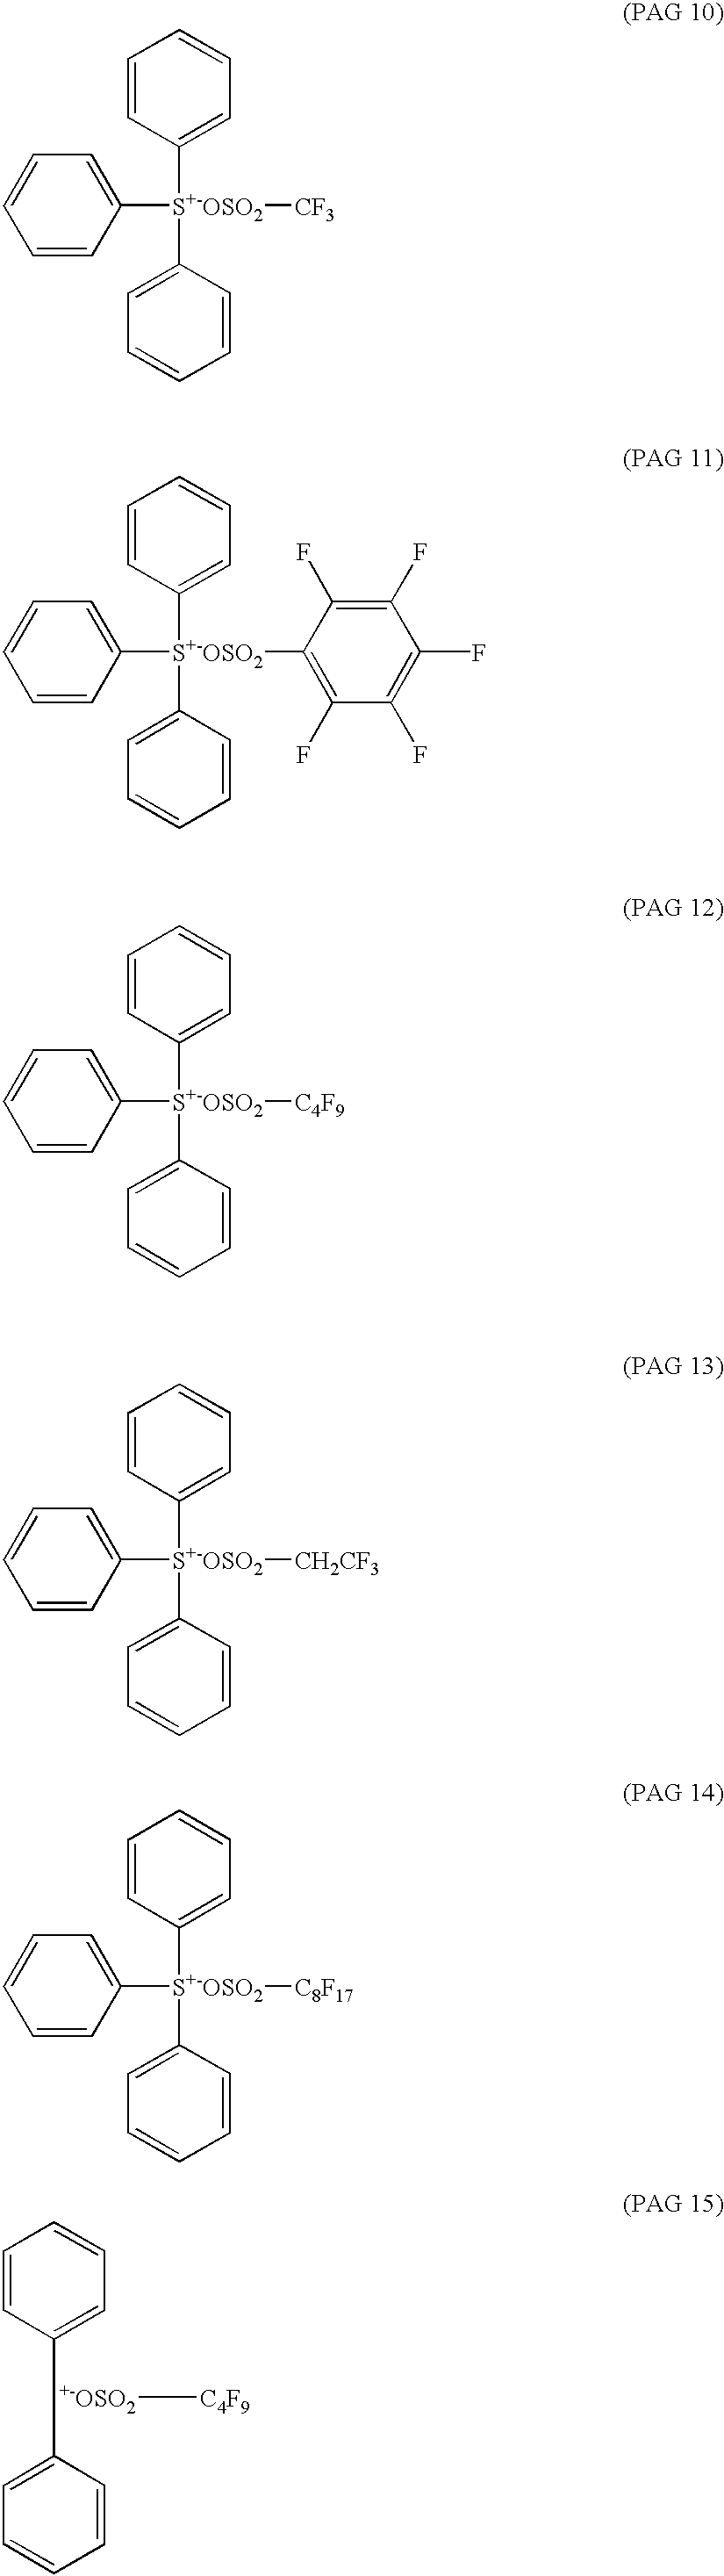 Figure US20030207201A1-20031106-C00072